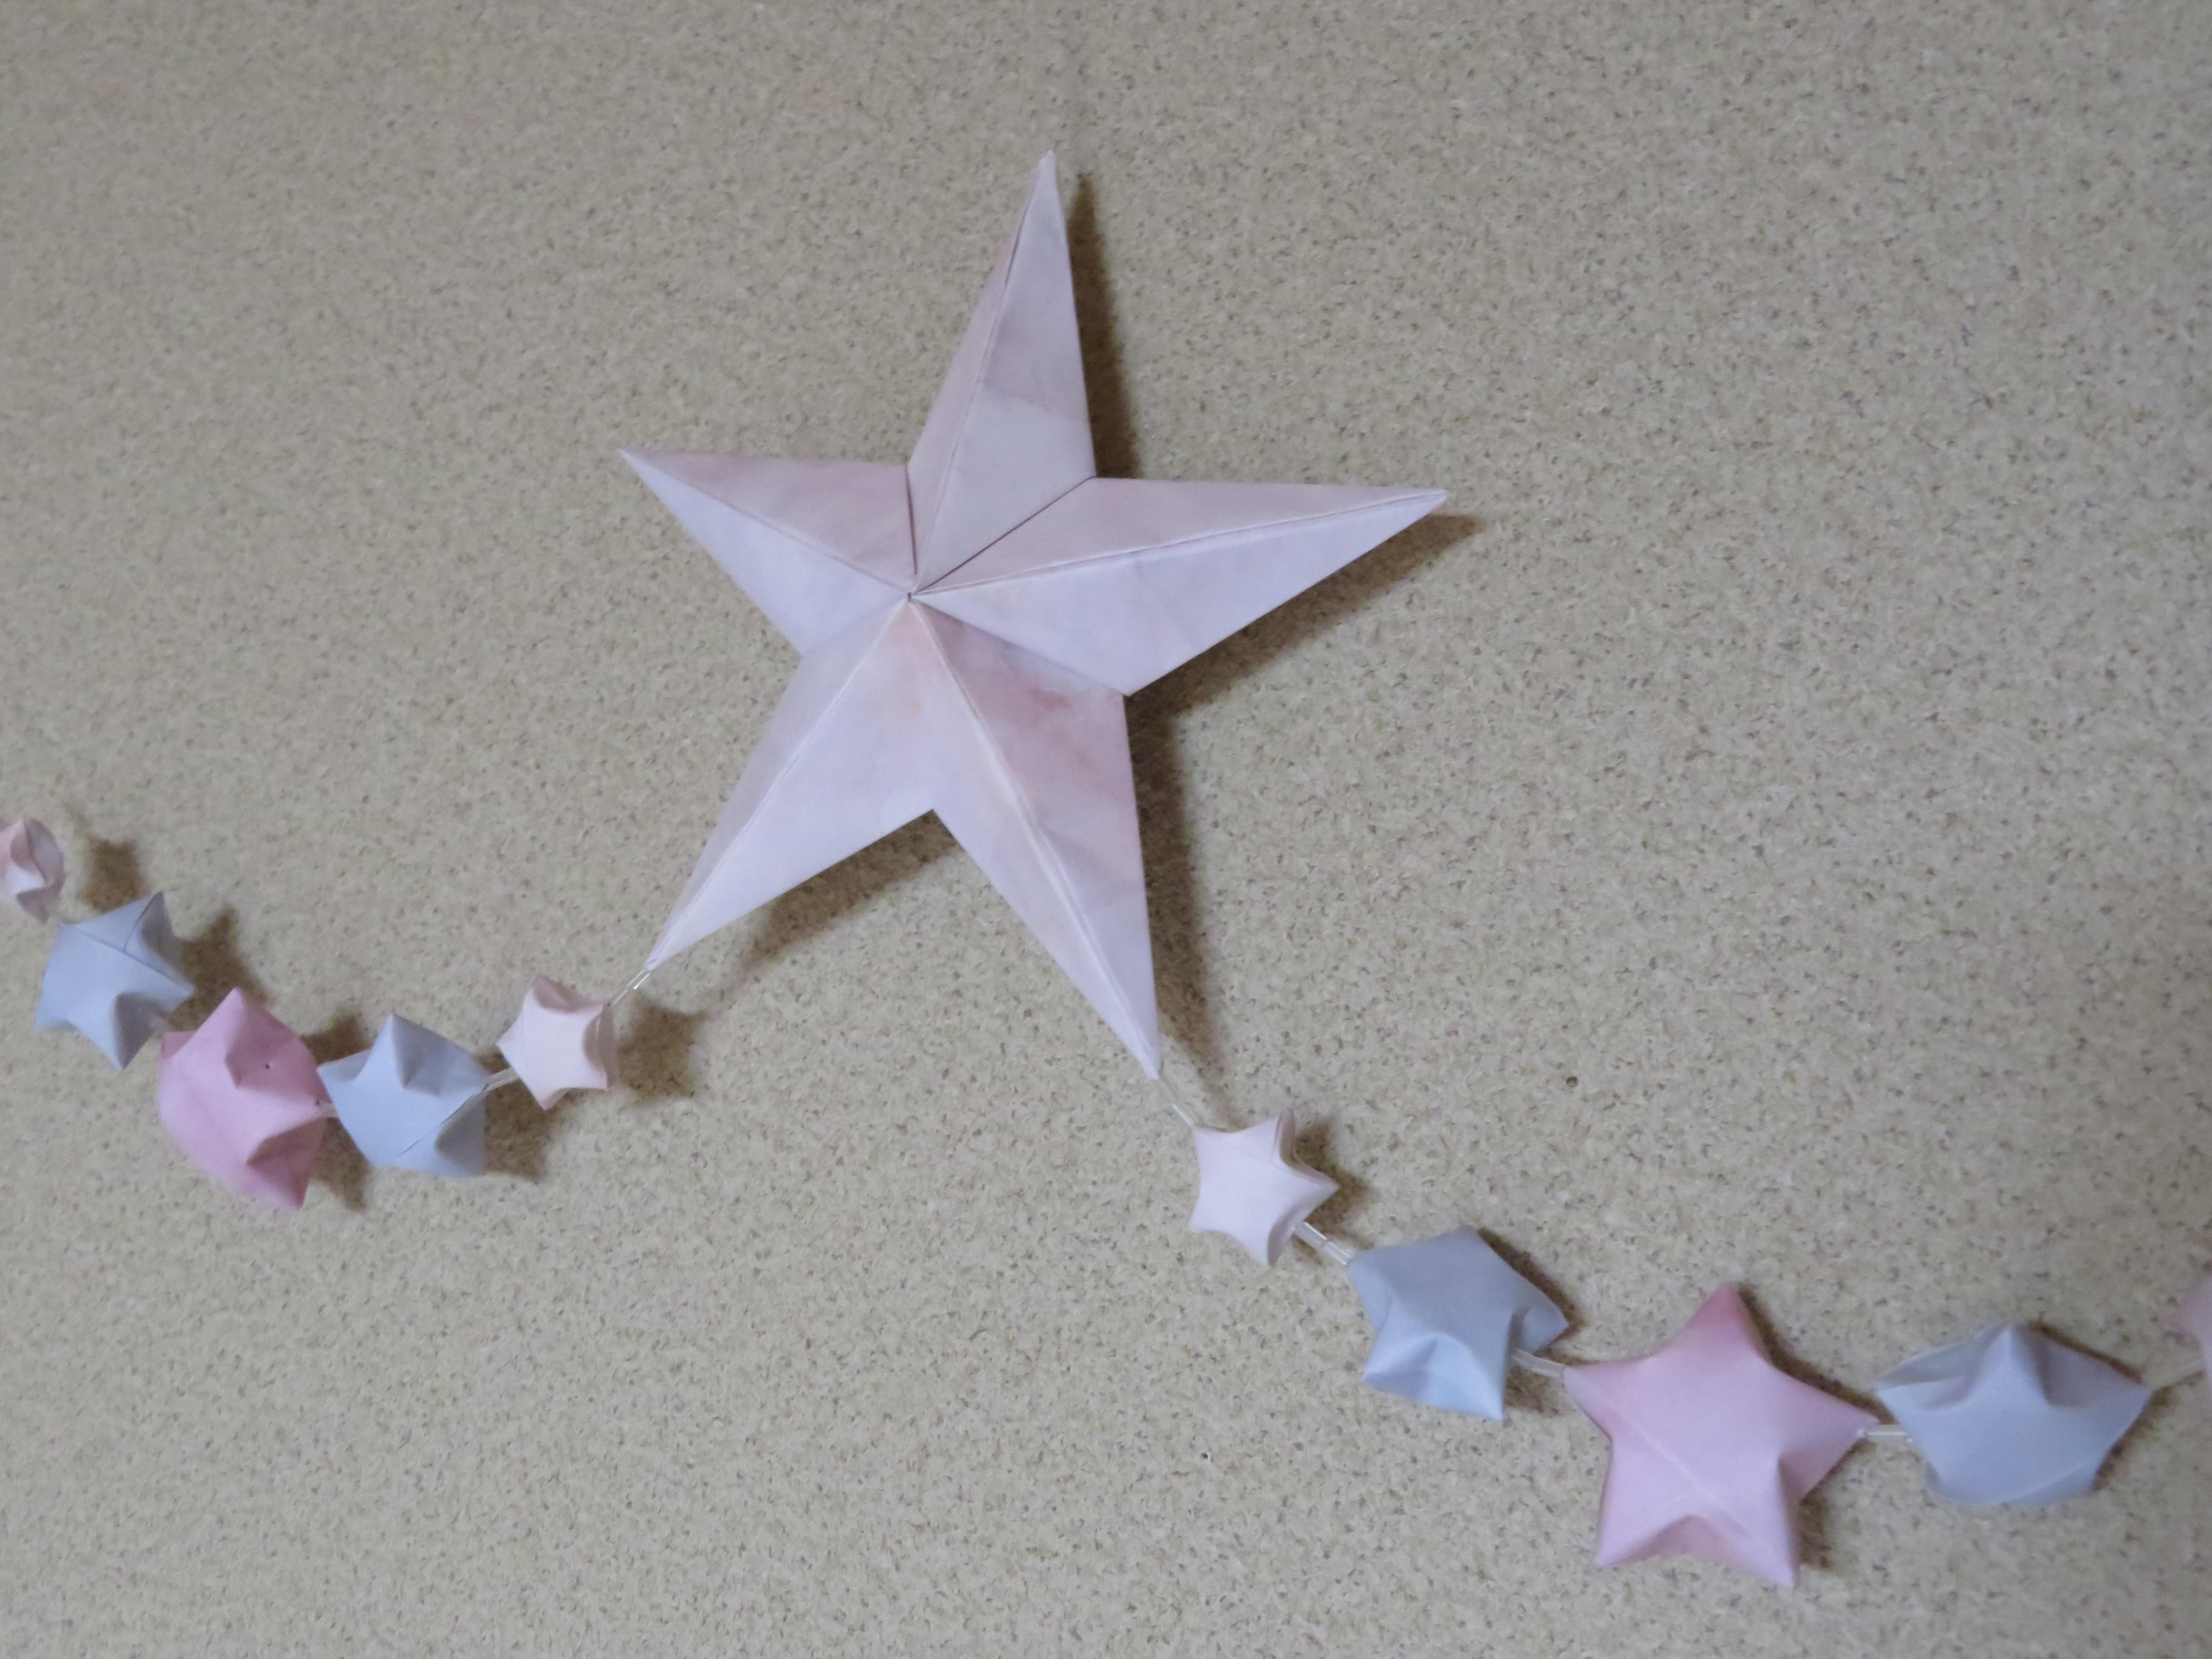 折り紙「立体星」の作り方!折り方・つなぎ方・組み立て方を図解解説!